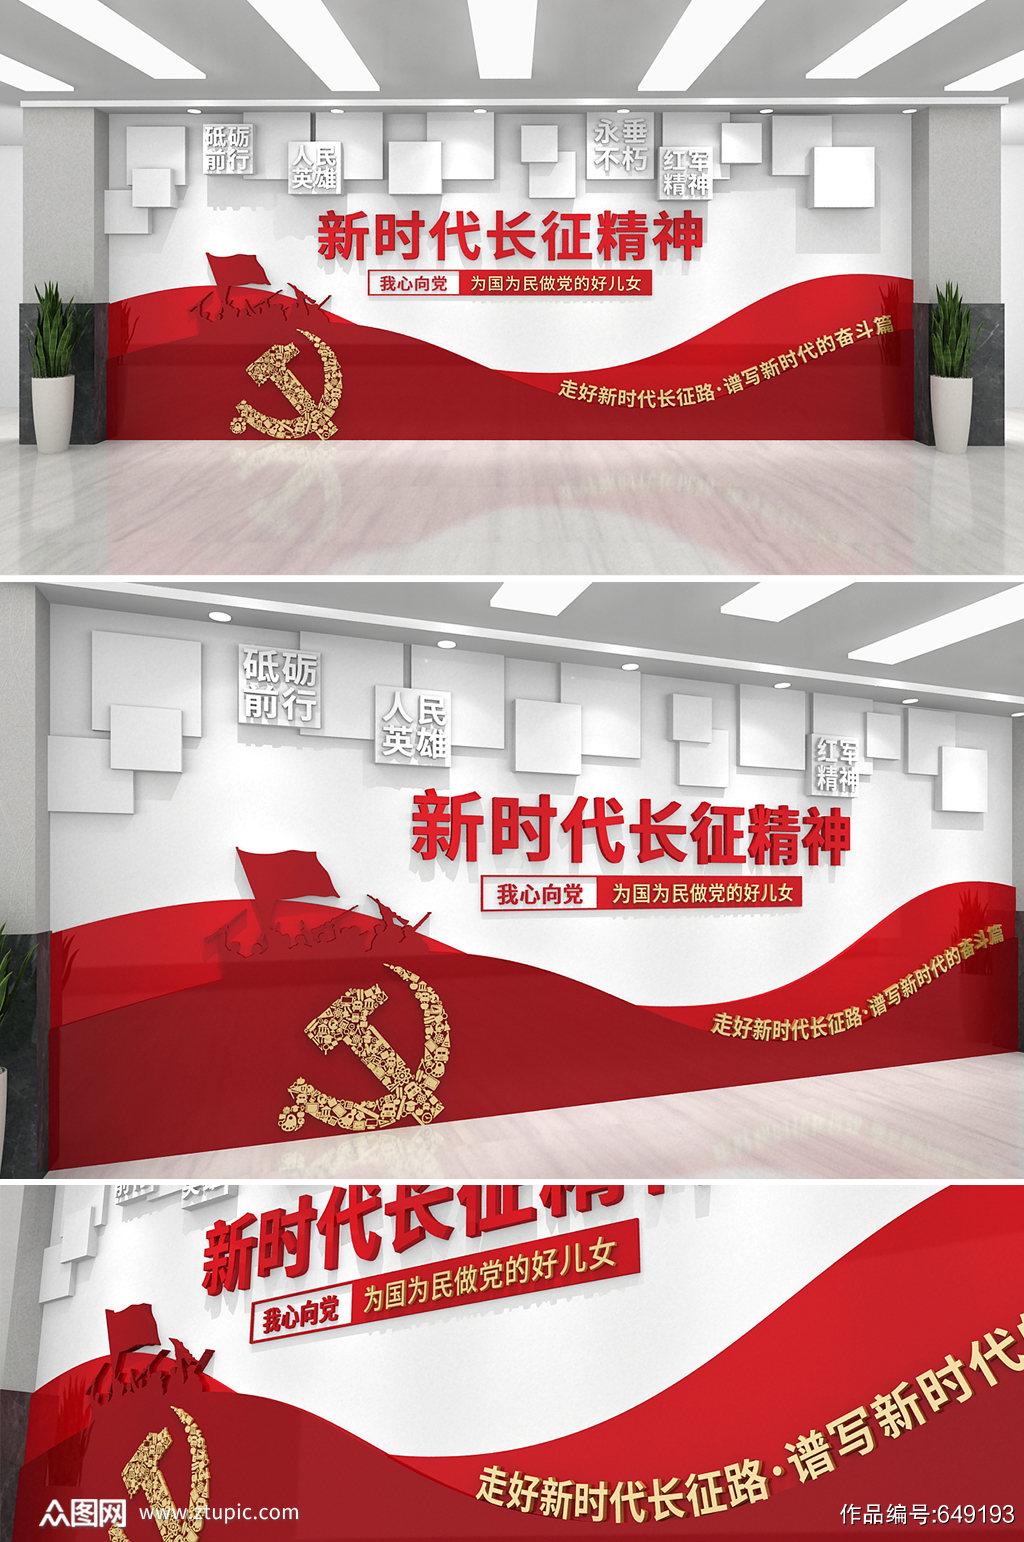 时尚简约红色新时代长征精神革命浮雕党建文化墙素材